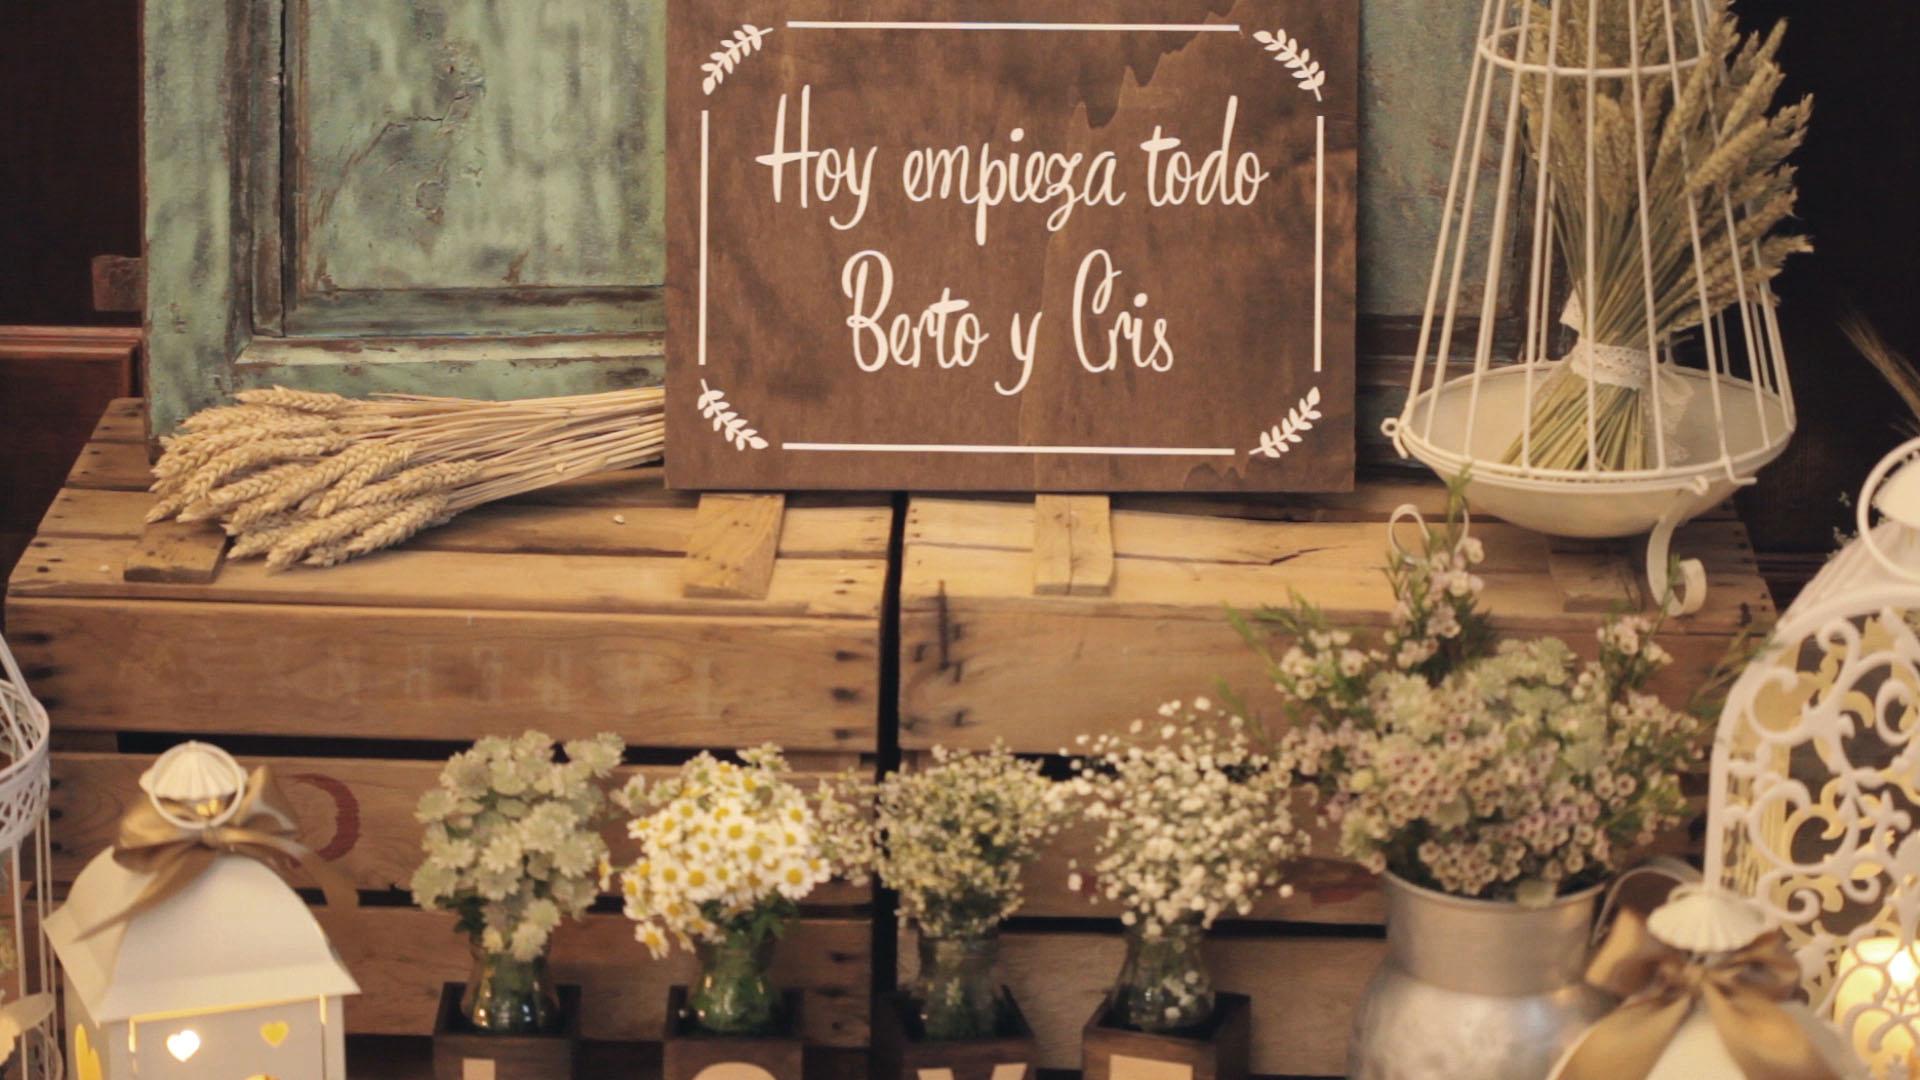 Vídeo de boda de Cris y Berto en Ferrol